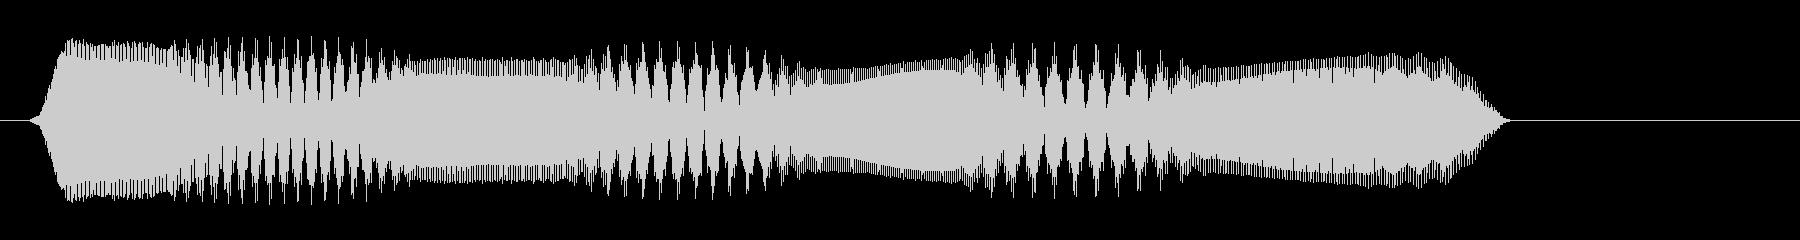 ピュロロ(高音 電子音)の未再生の波形